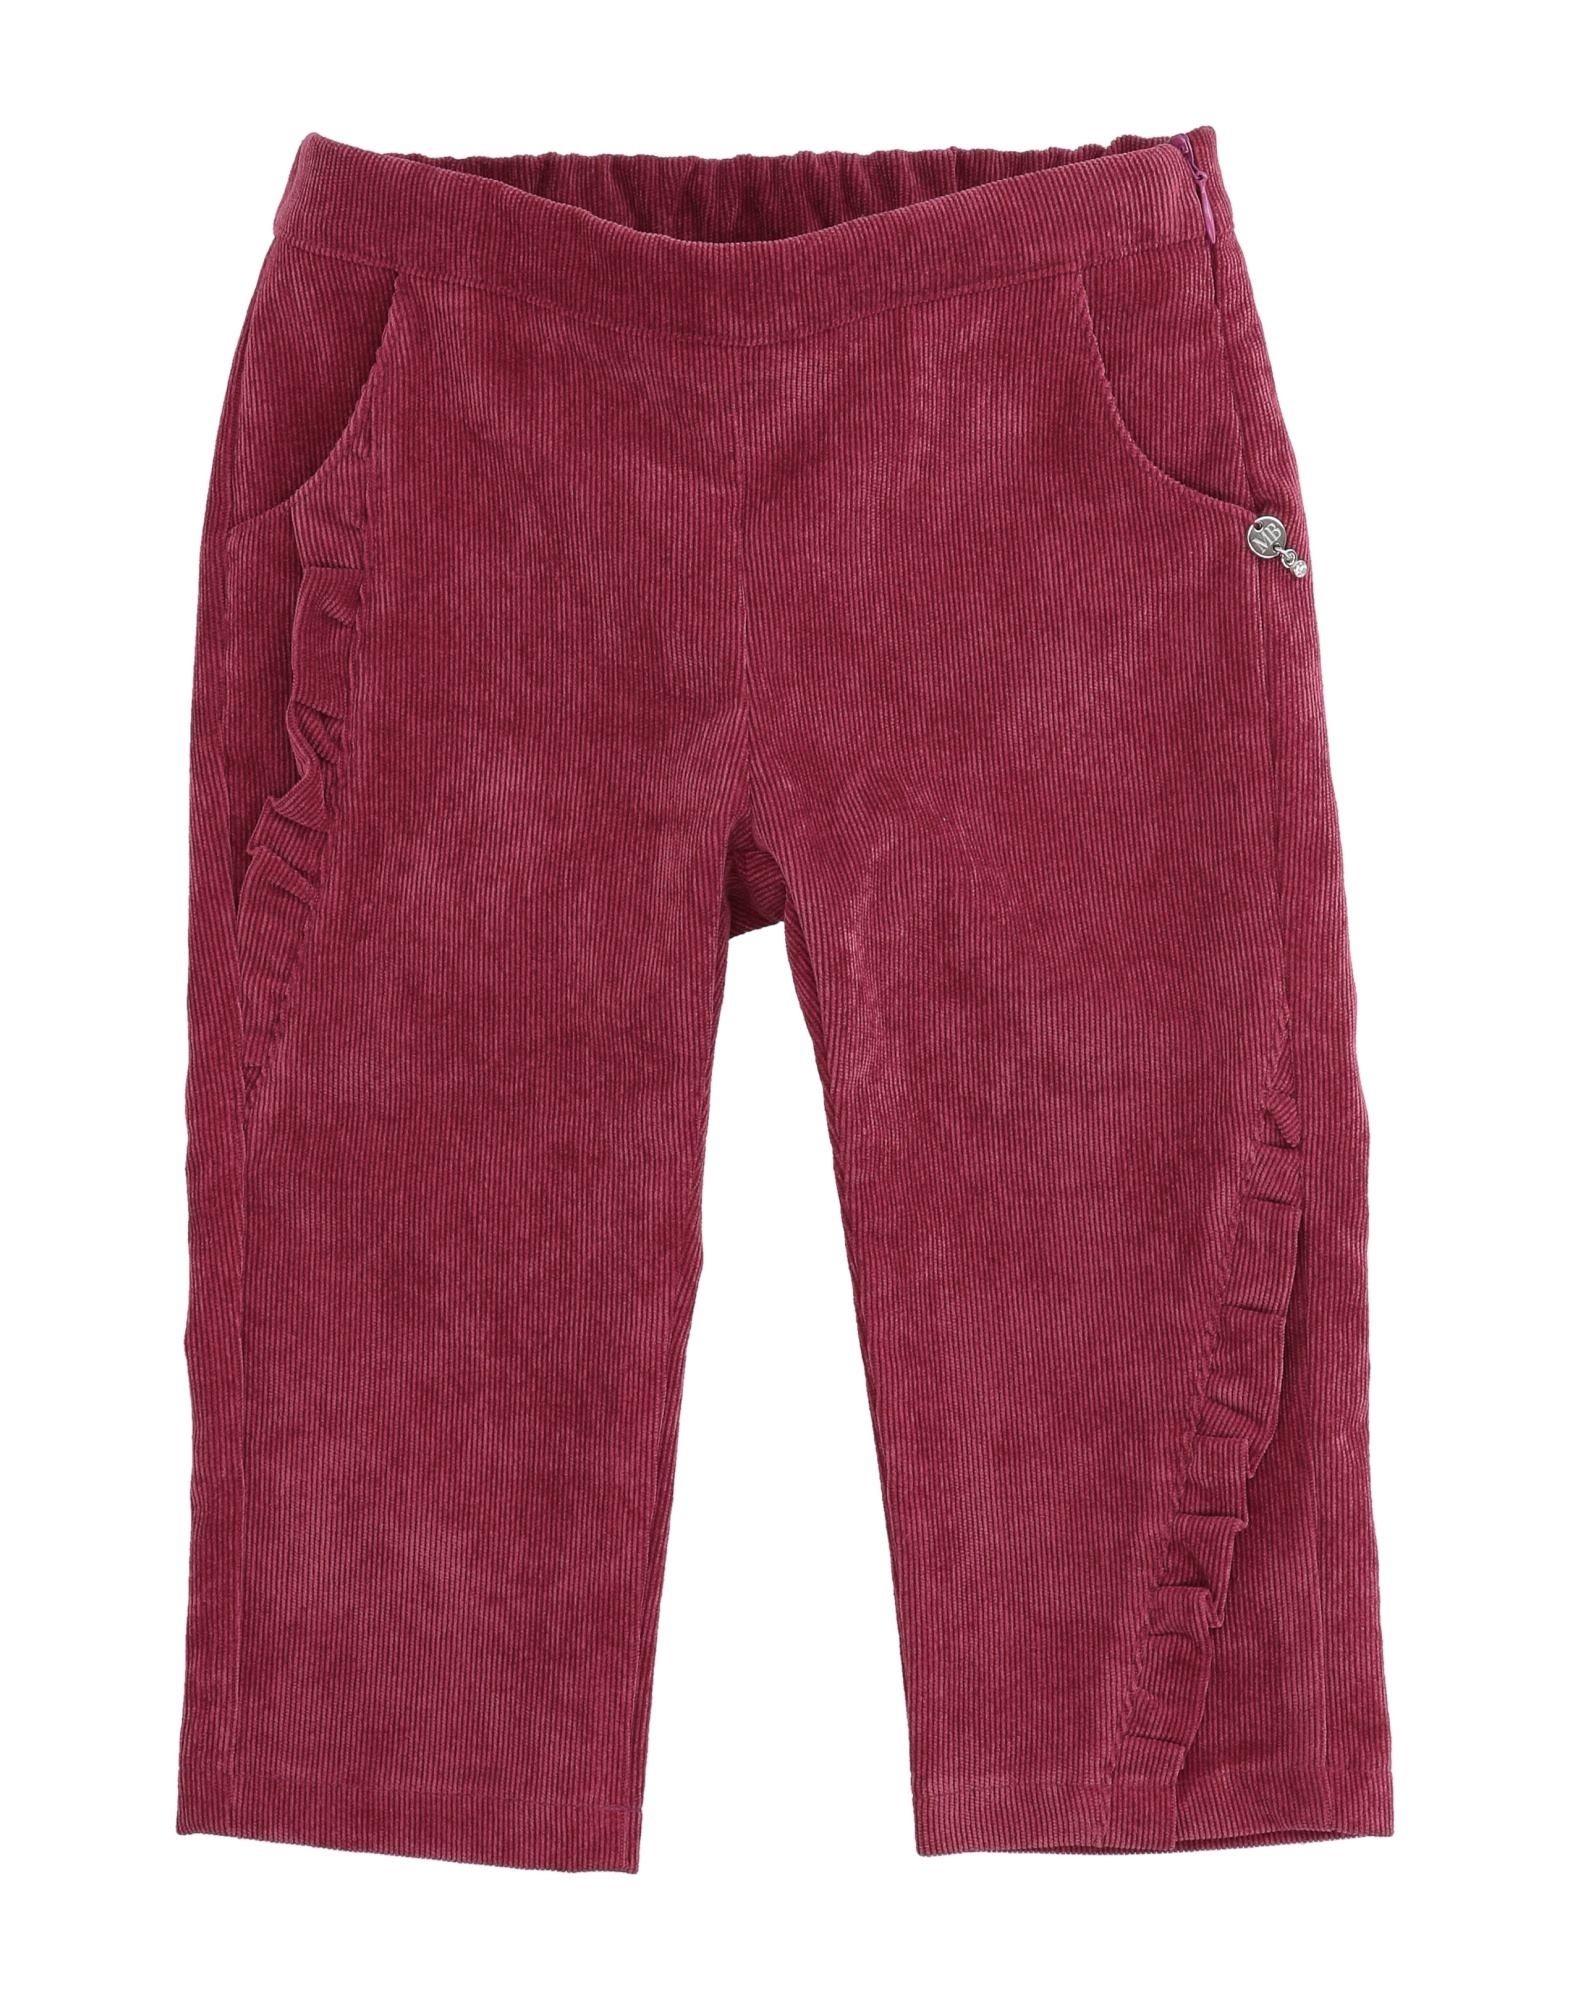 Meilisa Bai Kids' Casual Pants In Burgundy